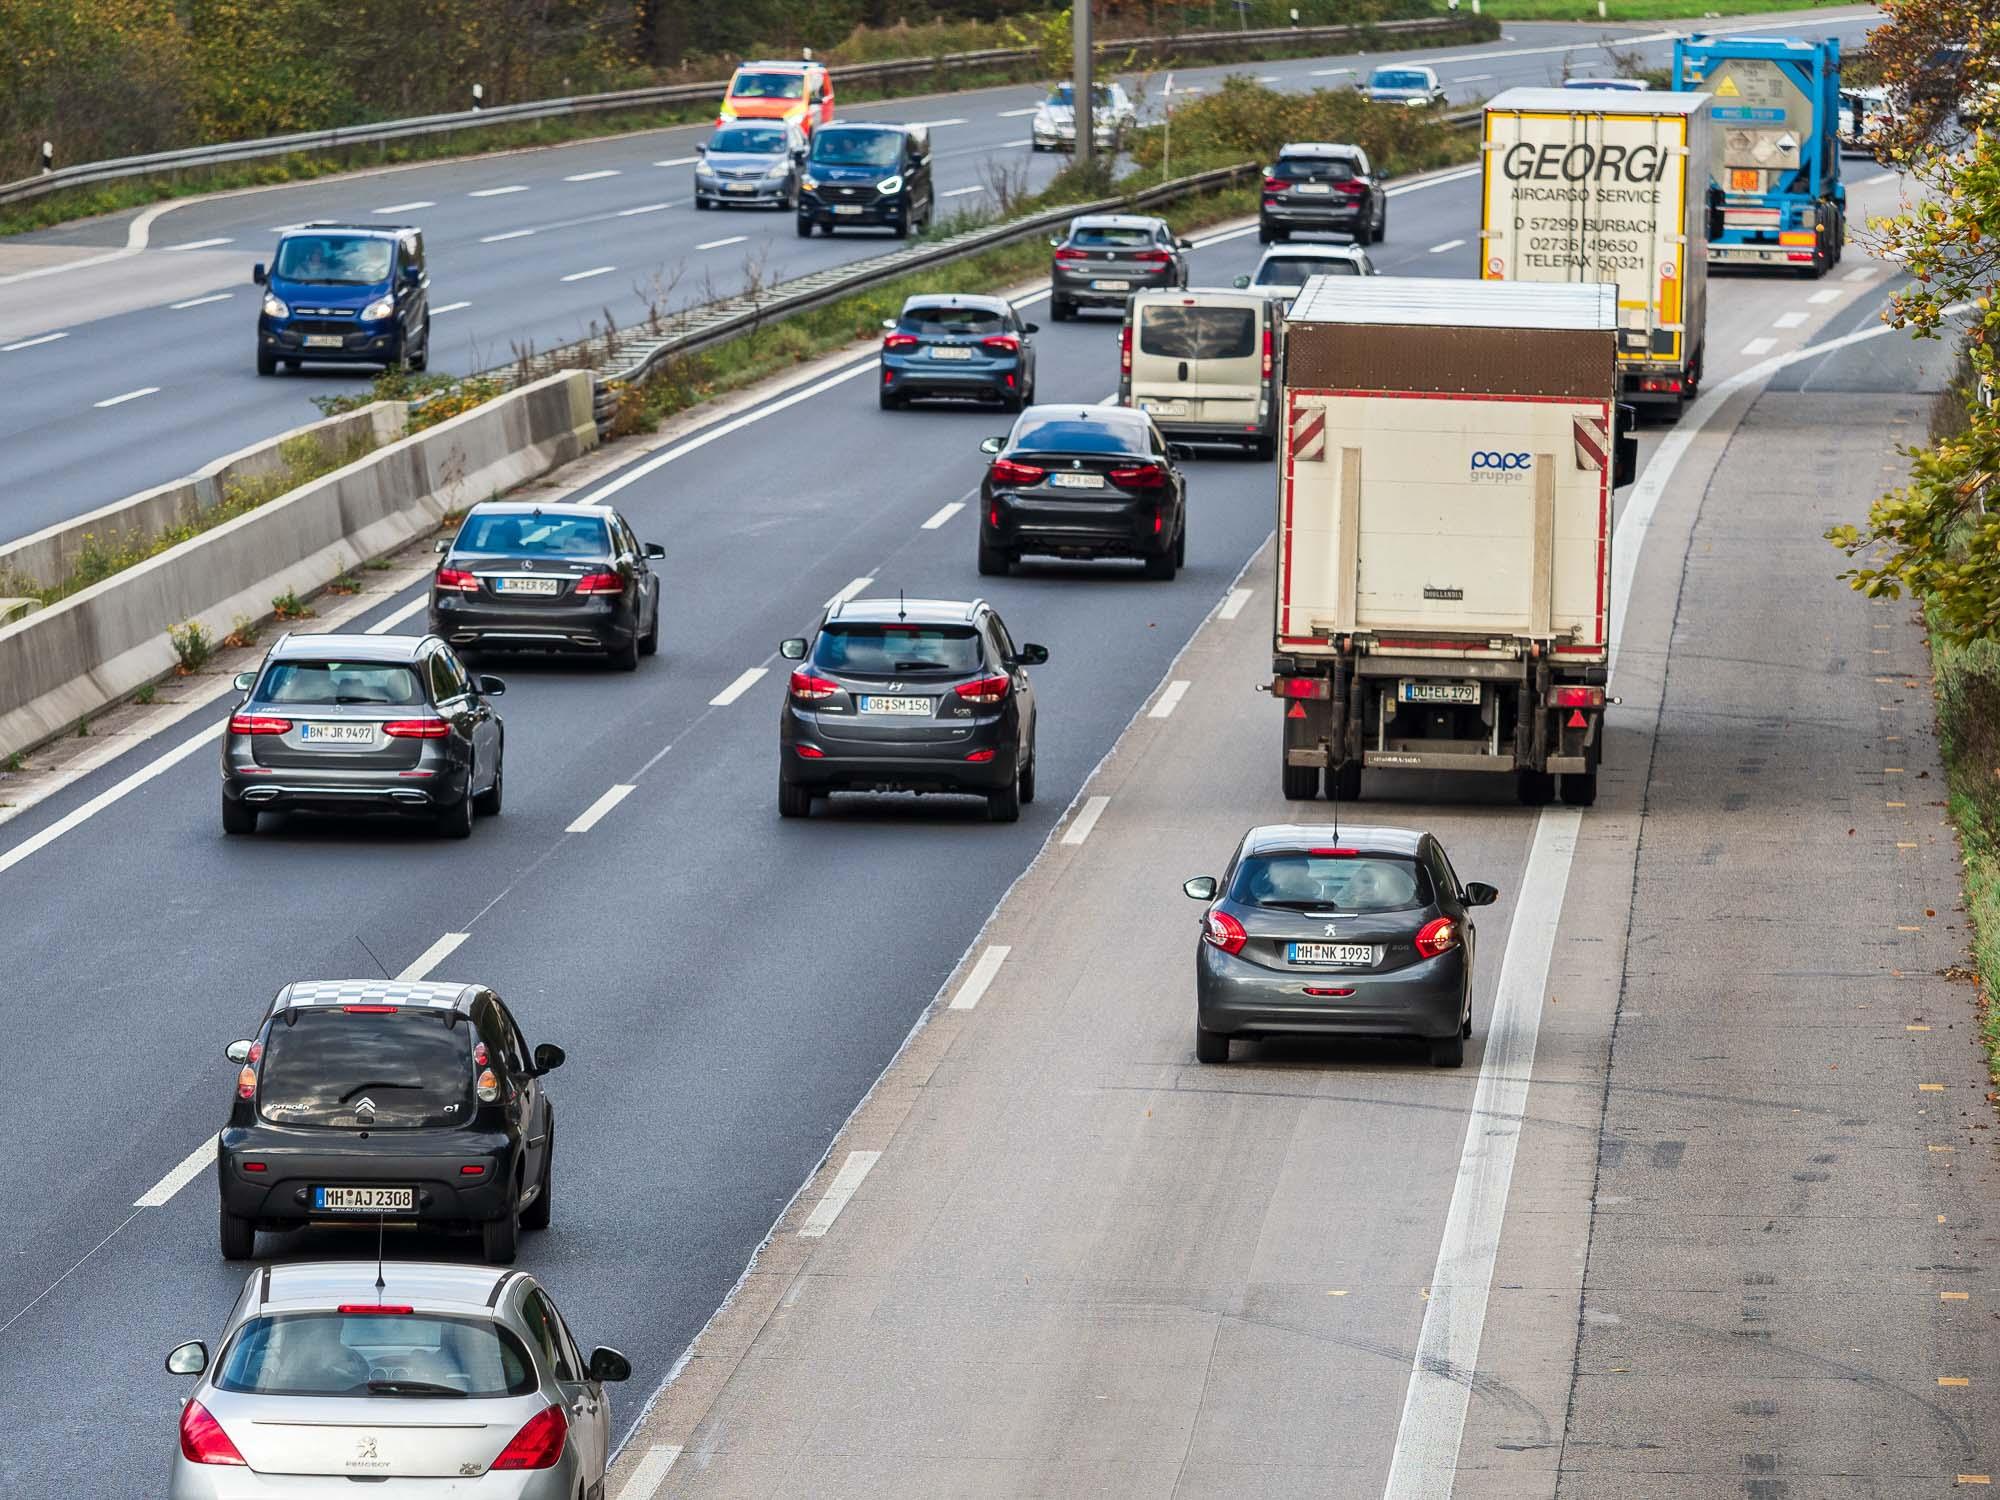 Autobahn(Vorwärts-Rücksicht-Wiederholung)